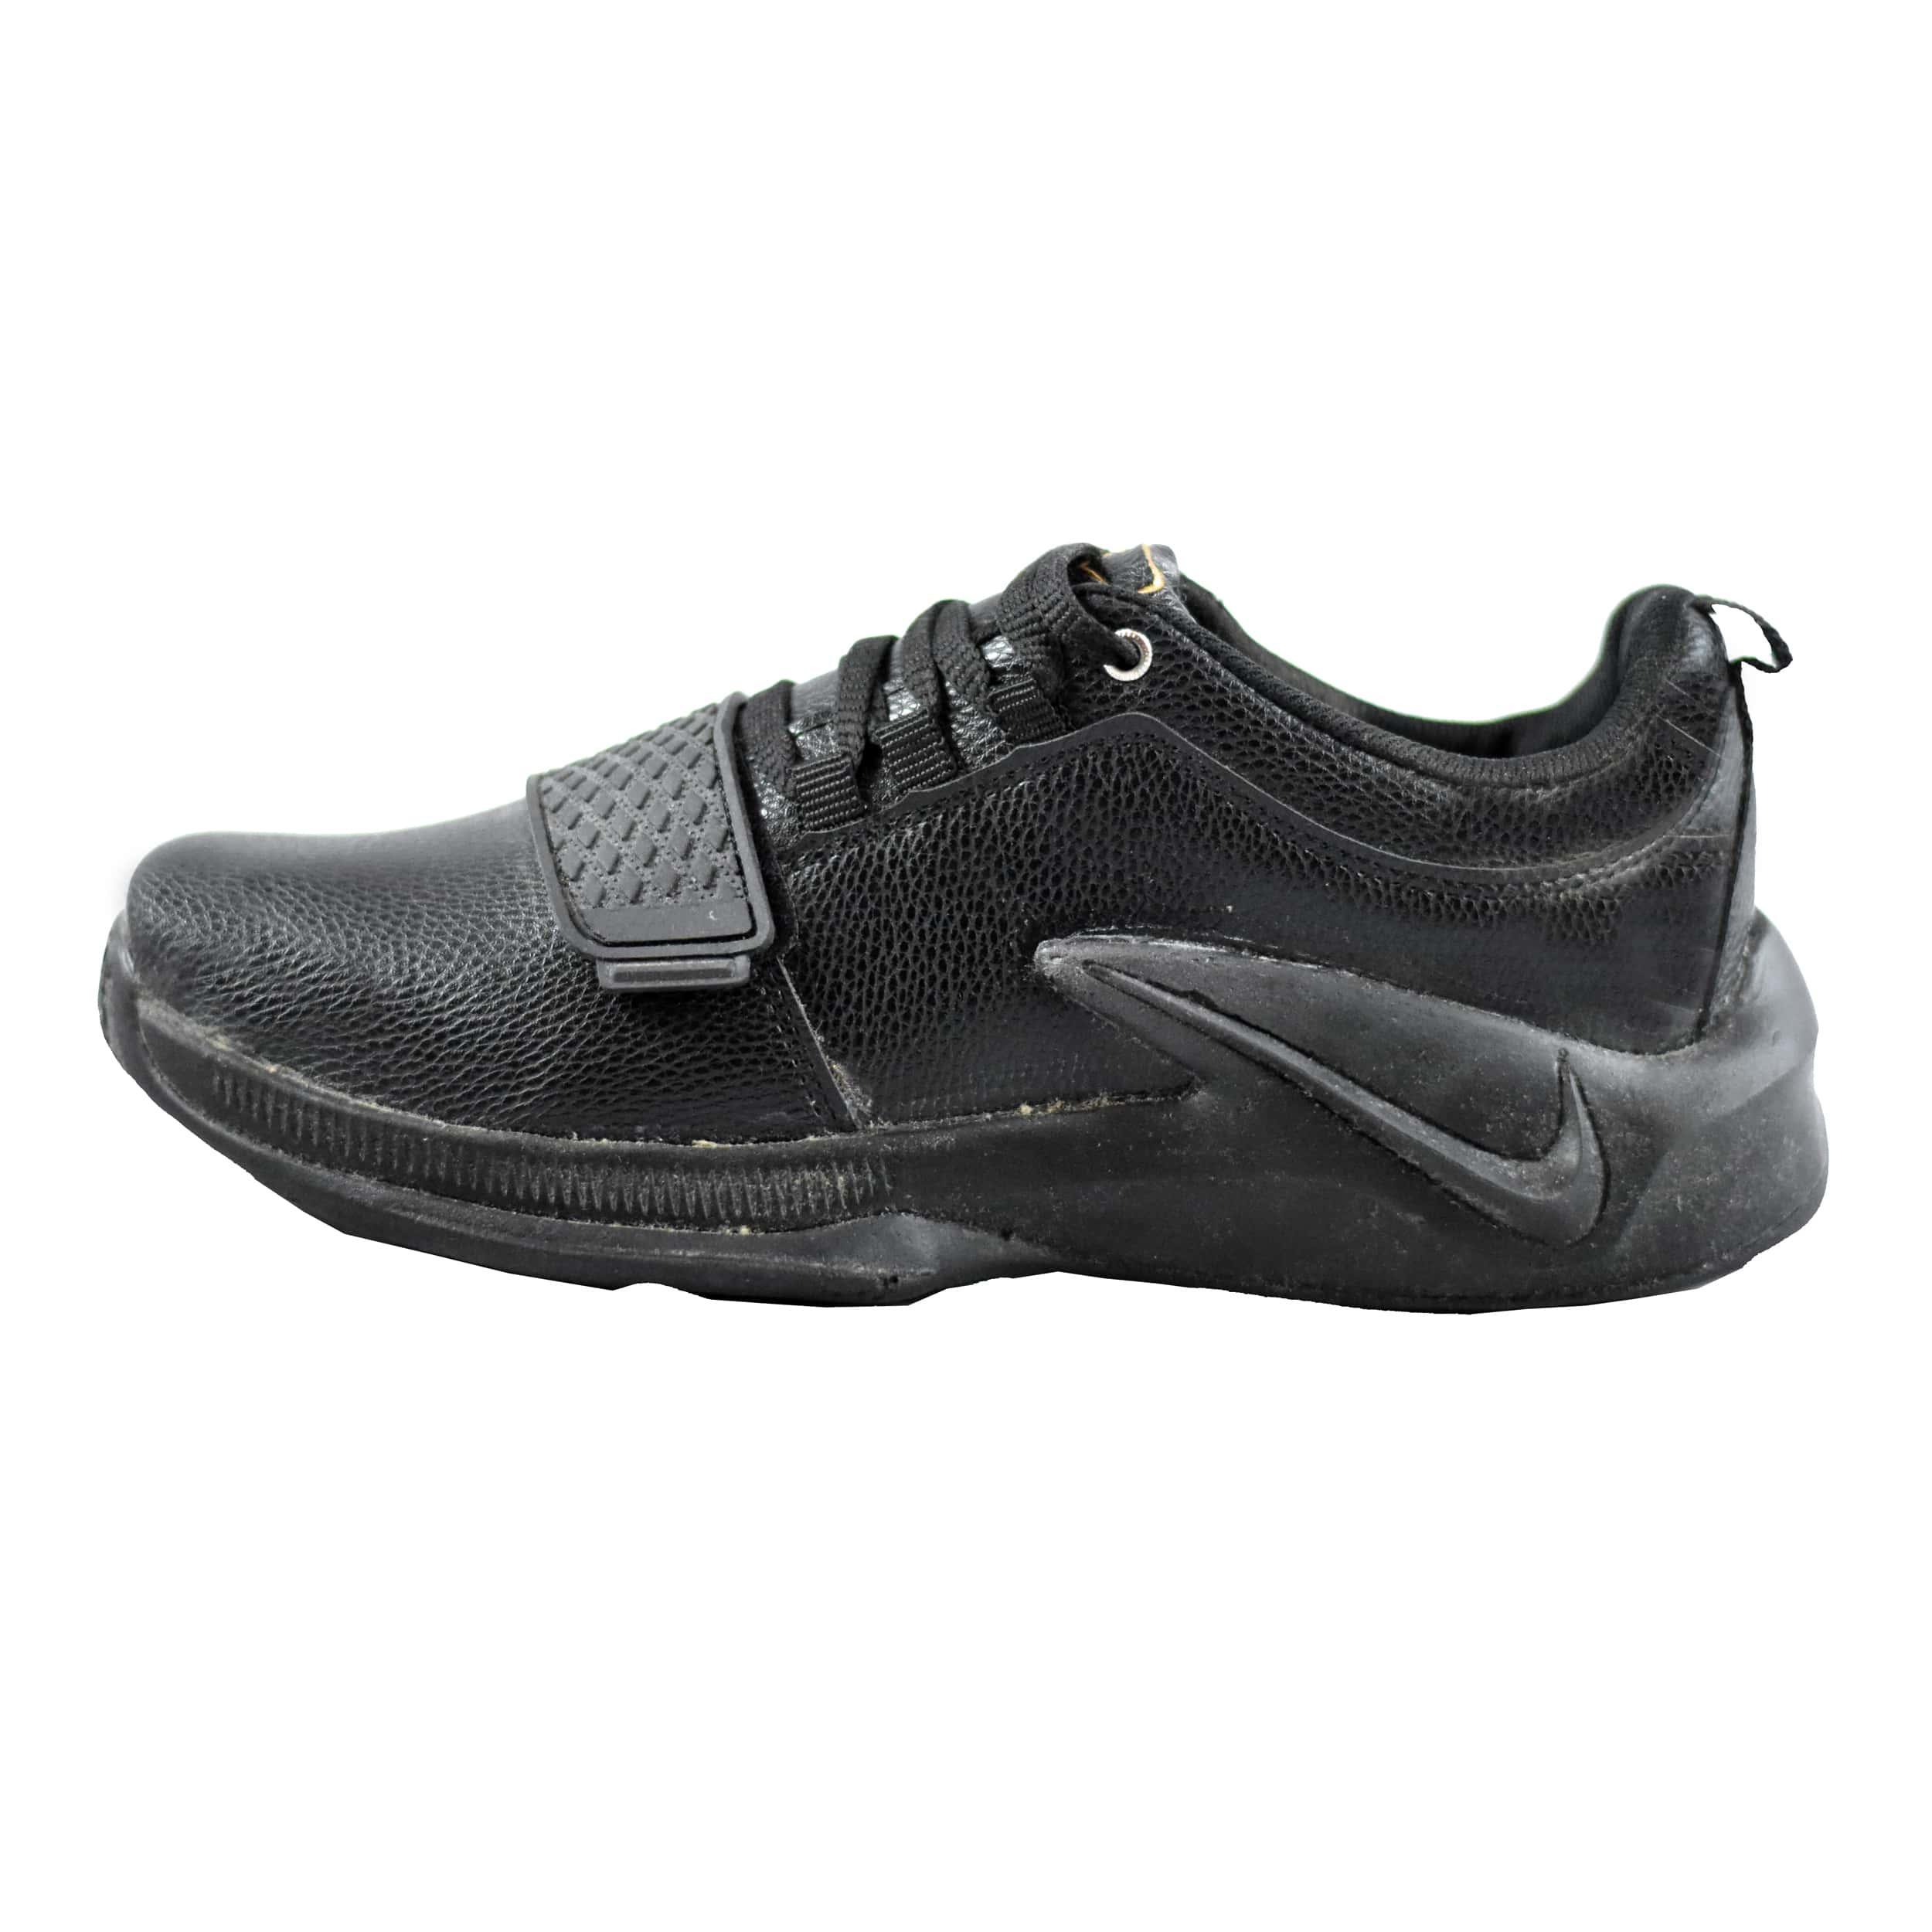 کفش مخصوص پیاده روی مردانه کد 173